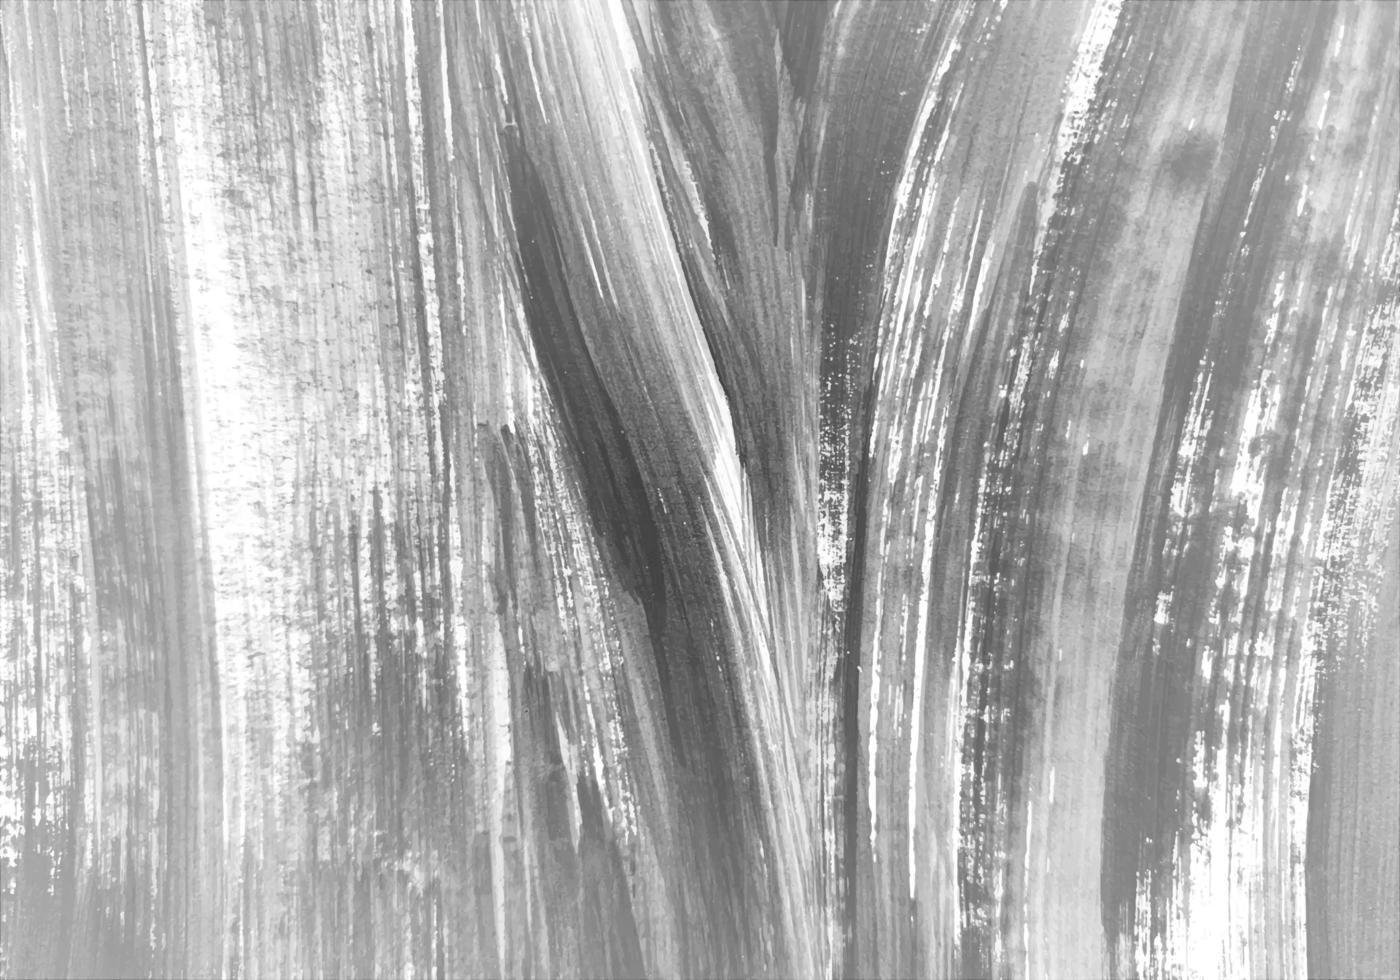 struttura di legno grigio chiaro vettore